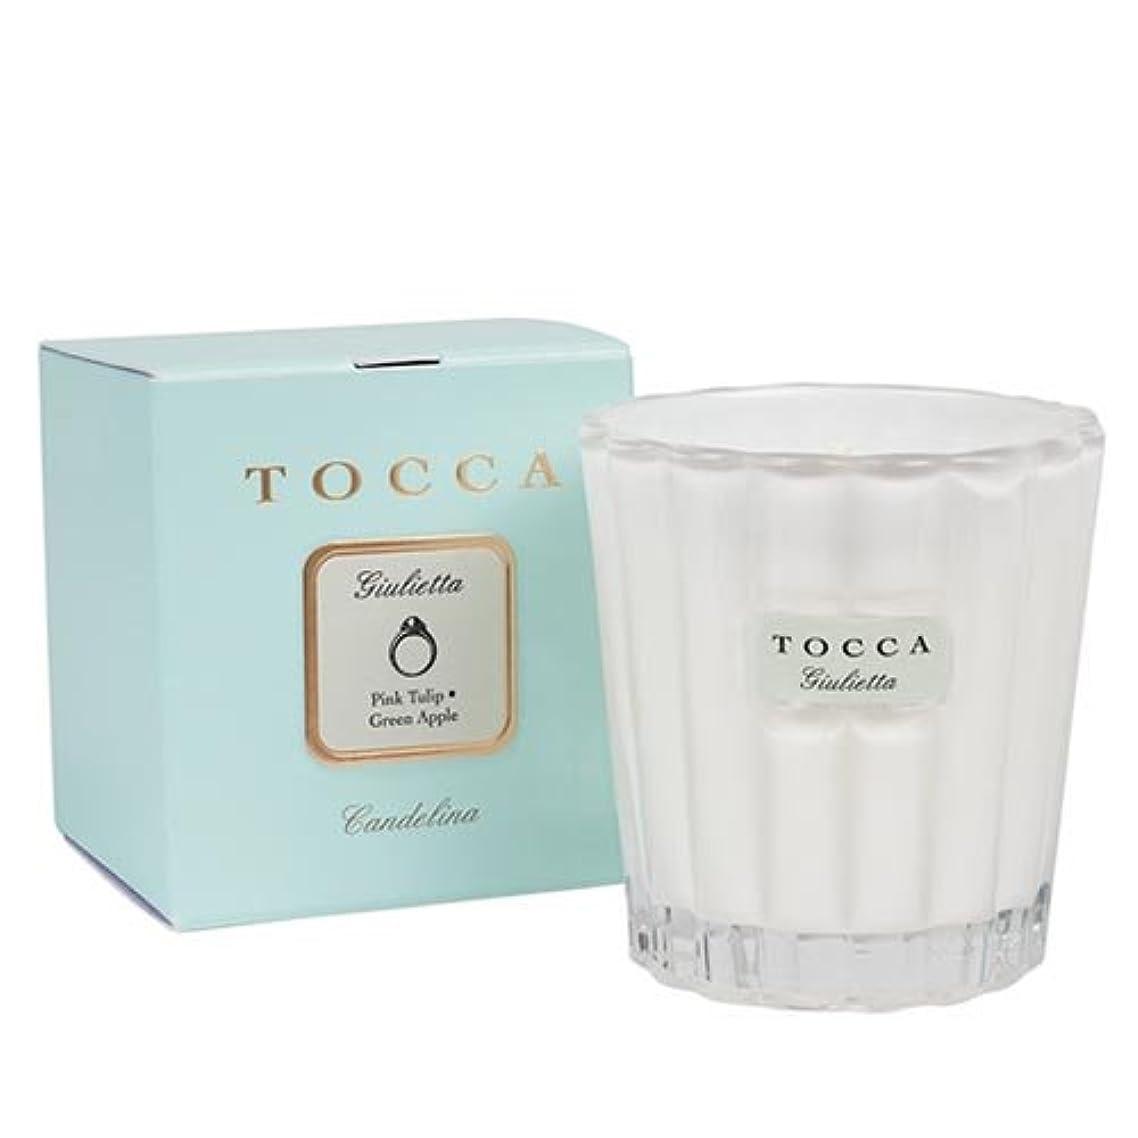 電話する検出雪だるまCONCENT TOCCA (トッカ) キャンデリーナ (ジュリエッタの香り)